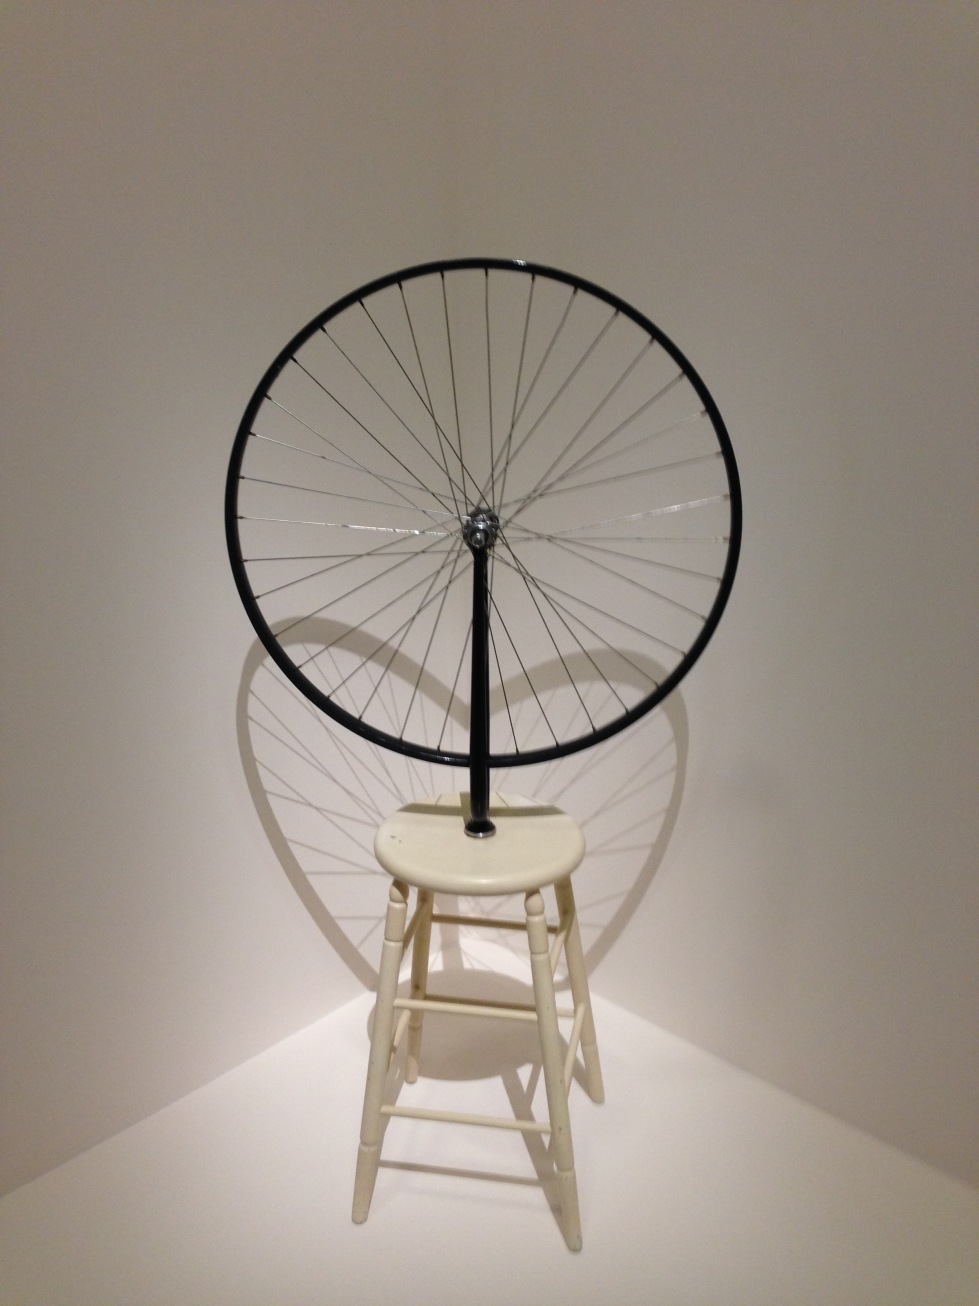 Pieza de Marchel Duchamp